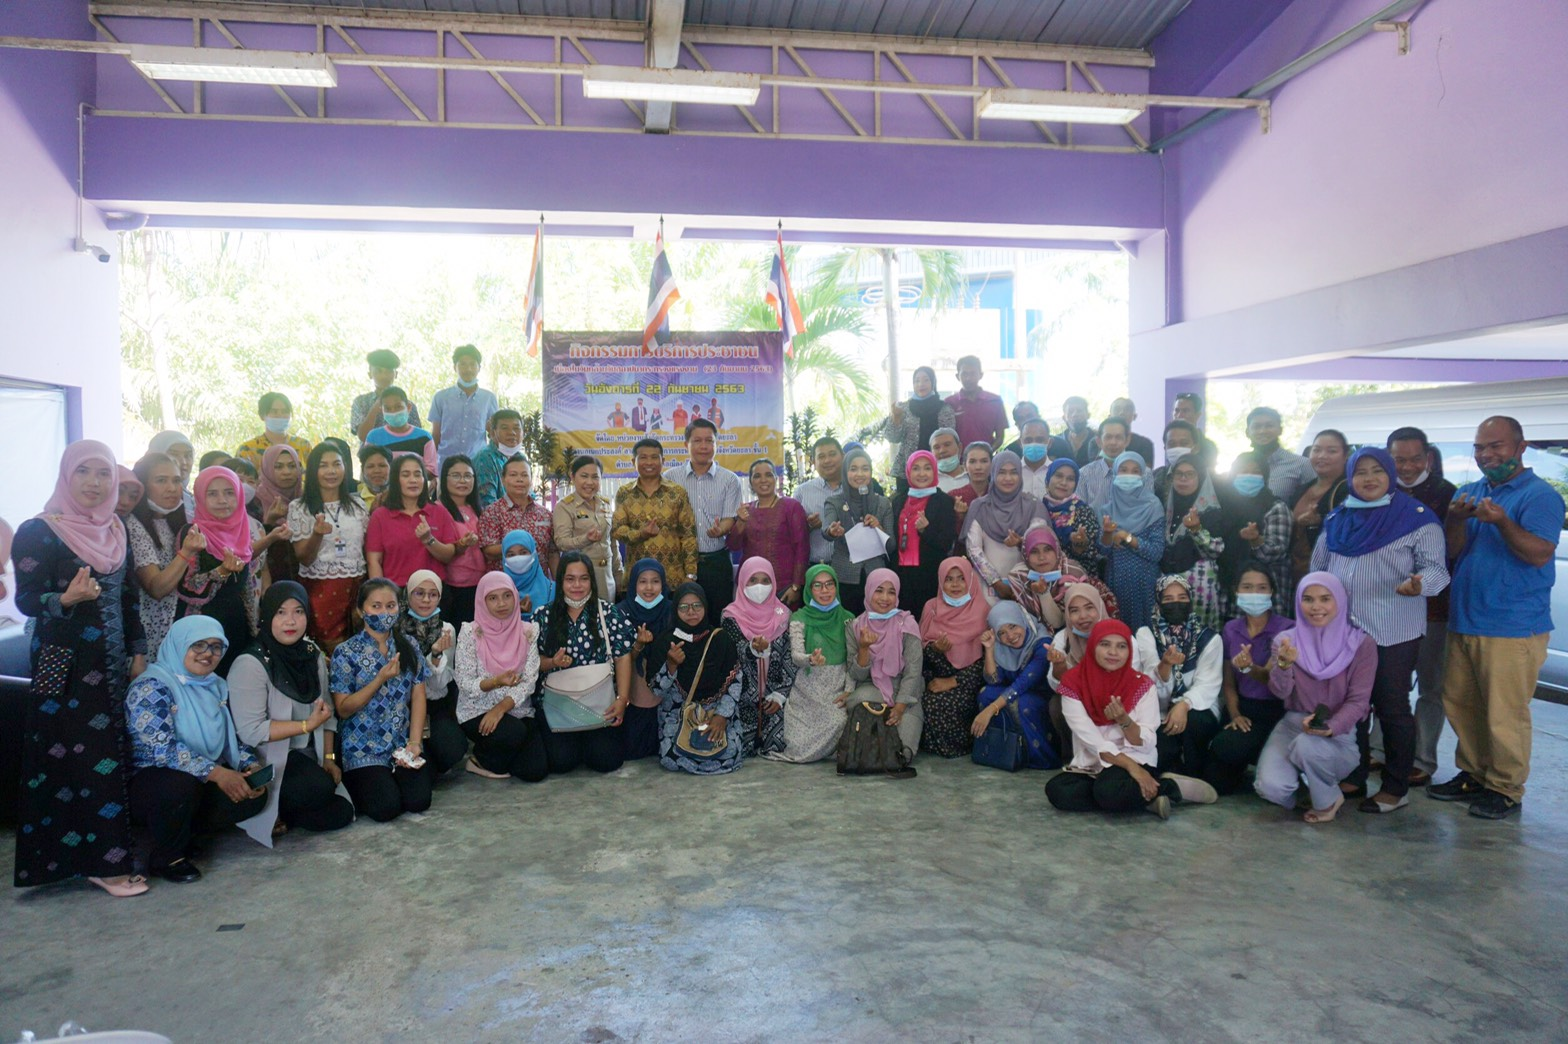 กิจกรรมบริการประชาชน เนื่องในวันคล้ายวันสถาปนากระทรวงแรงงาน (23 กันยายน 2563)